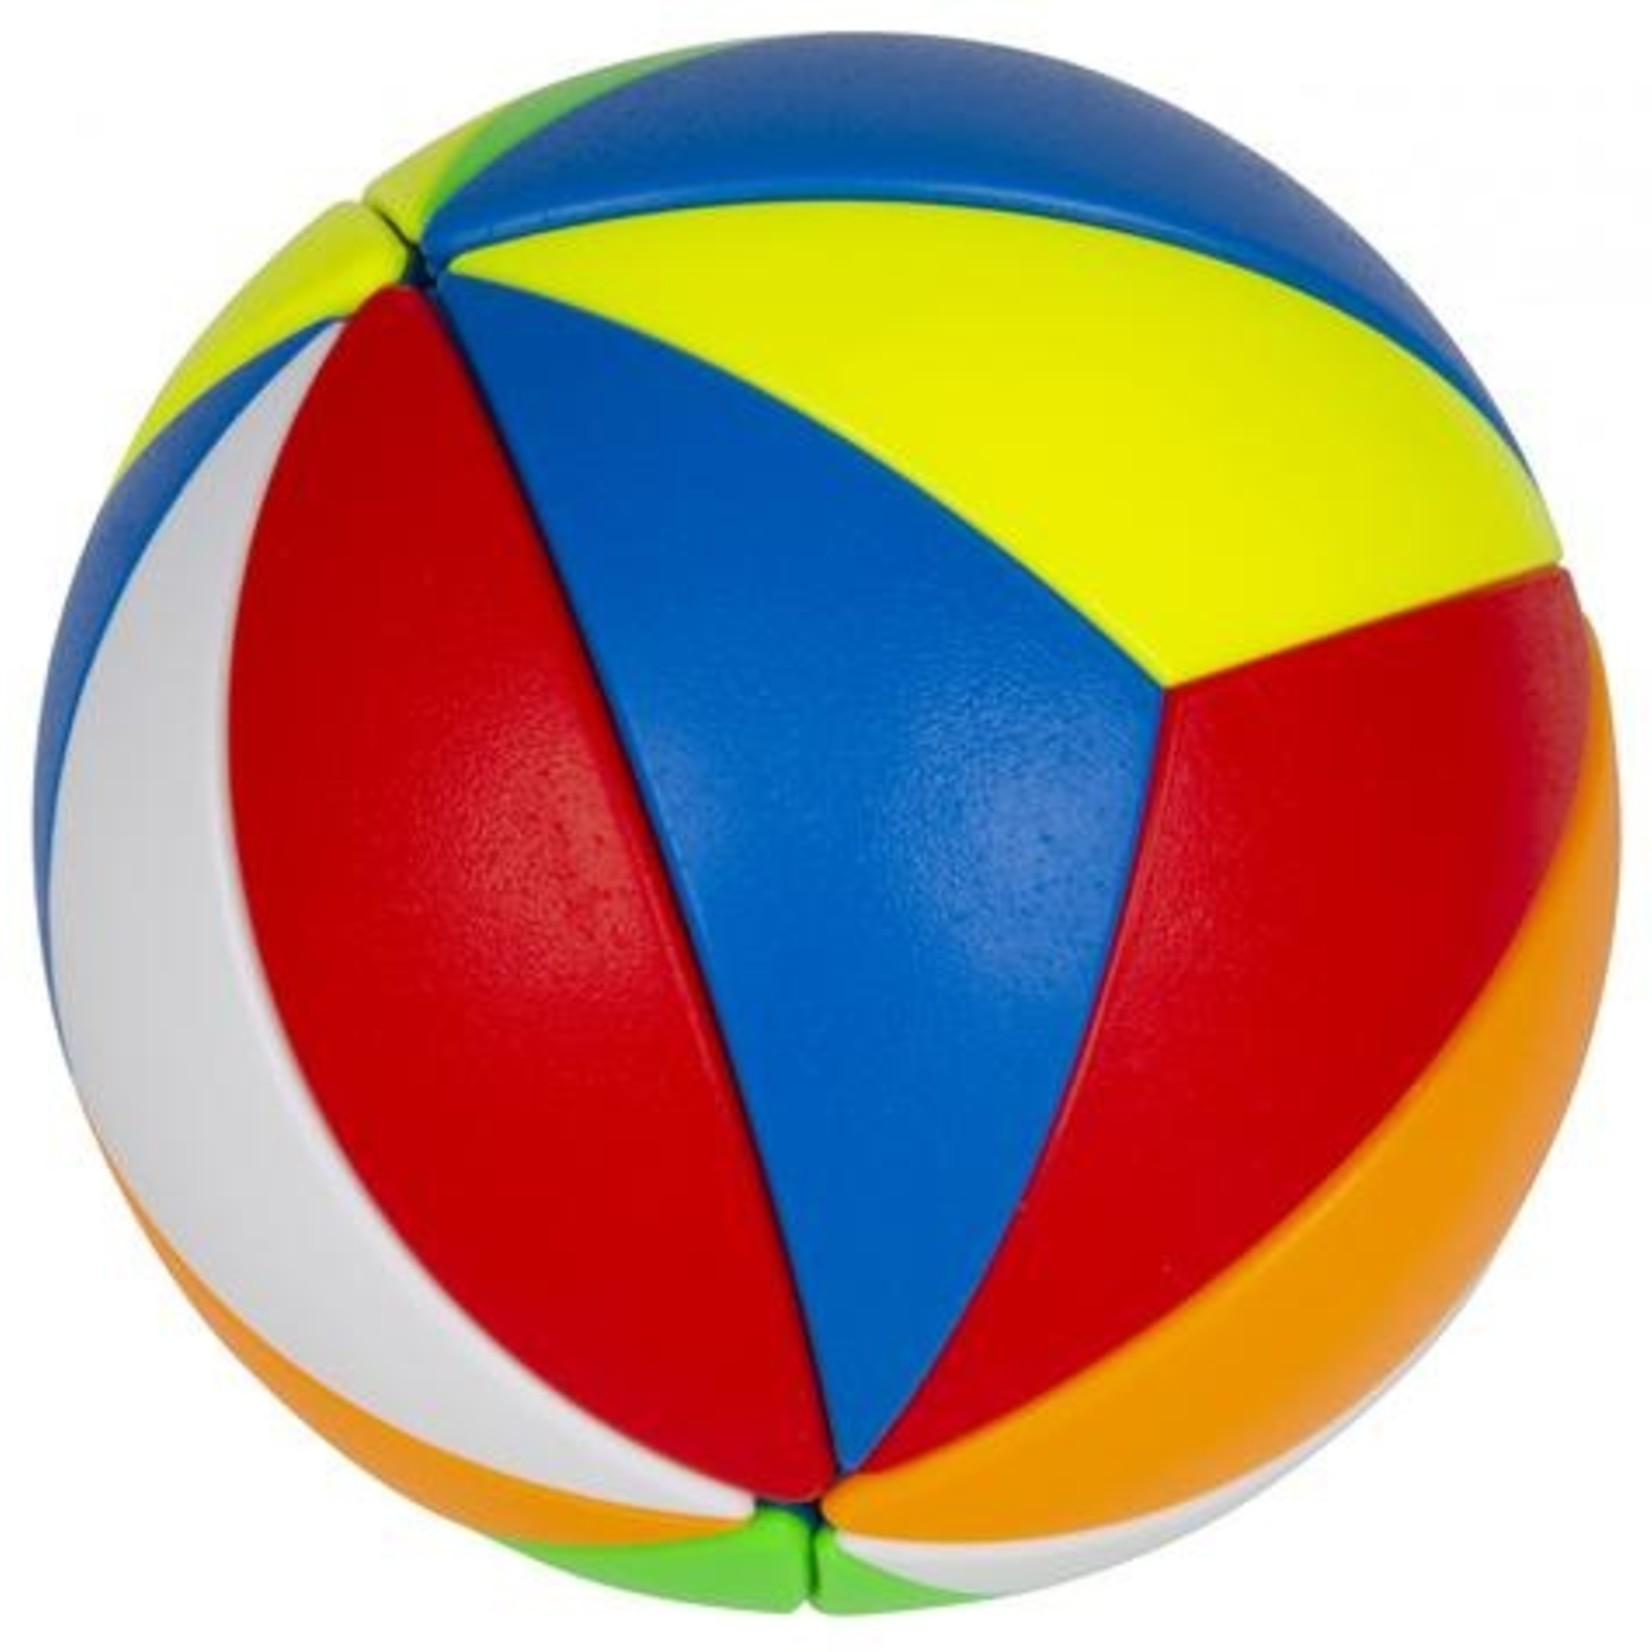 Duncan Beach Ball Puzzle